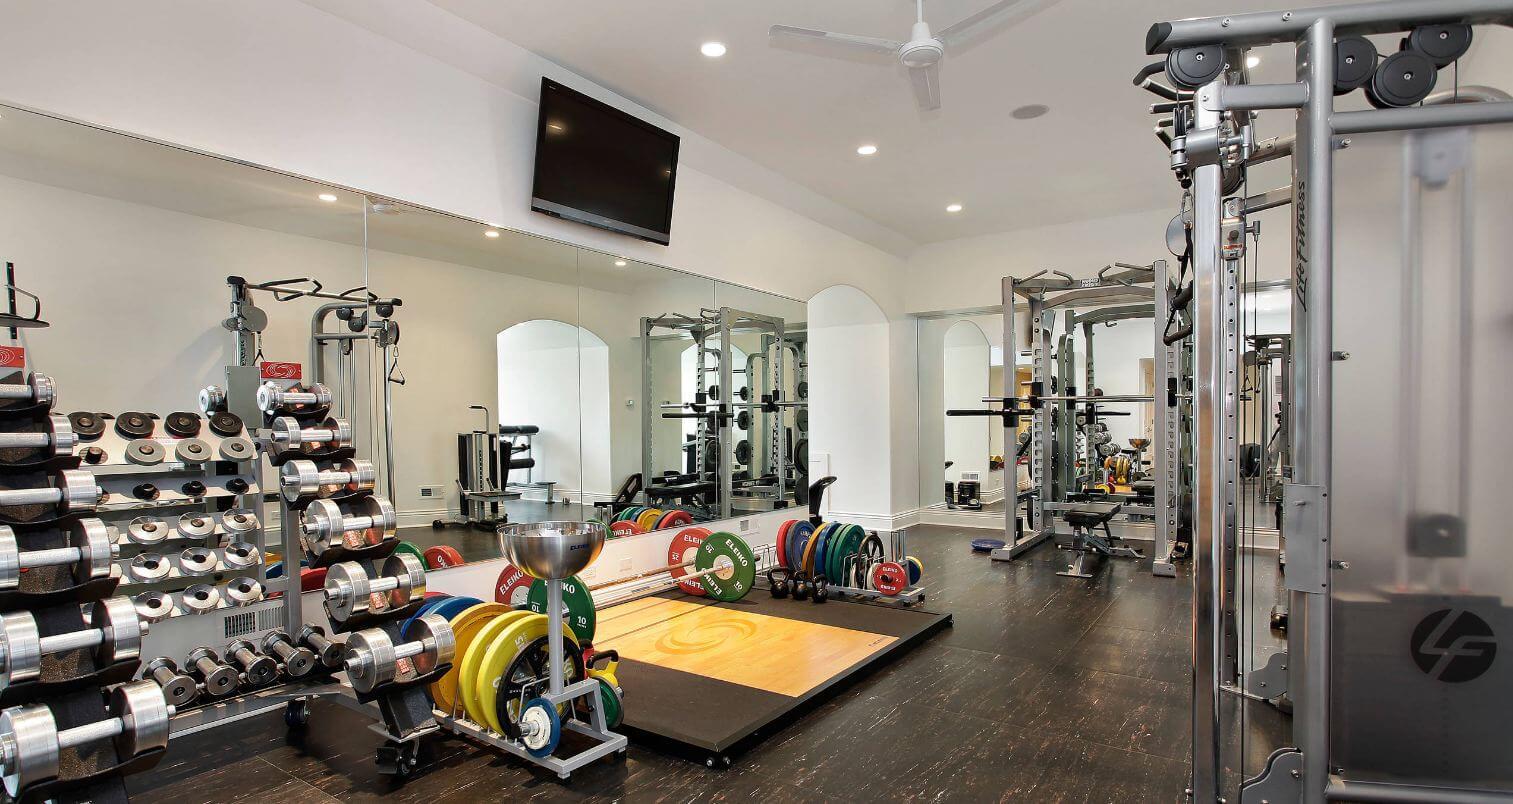 home gym under 300